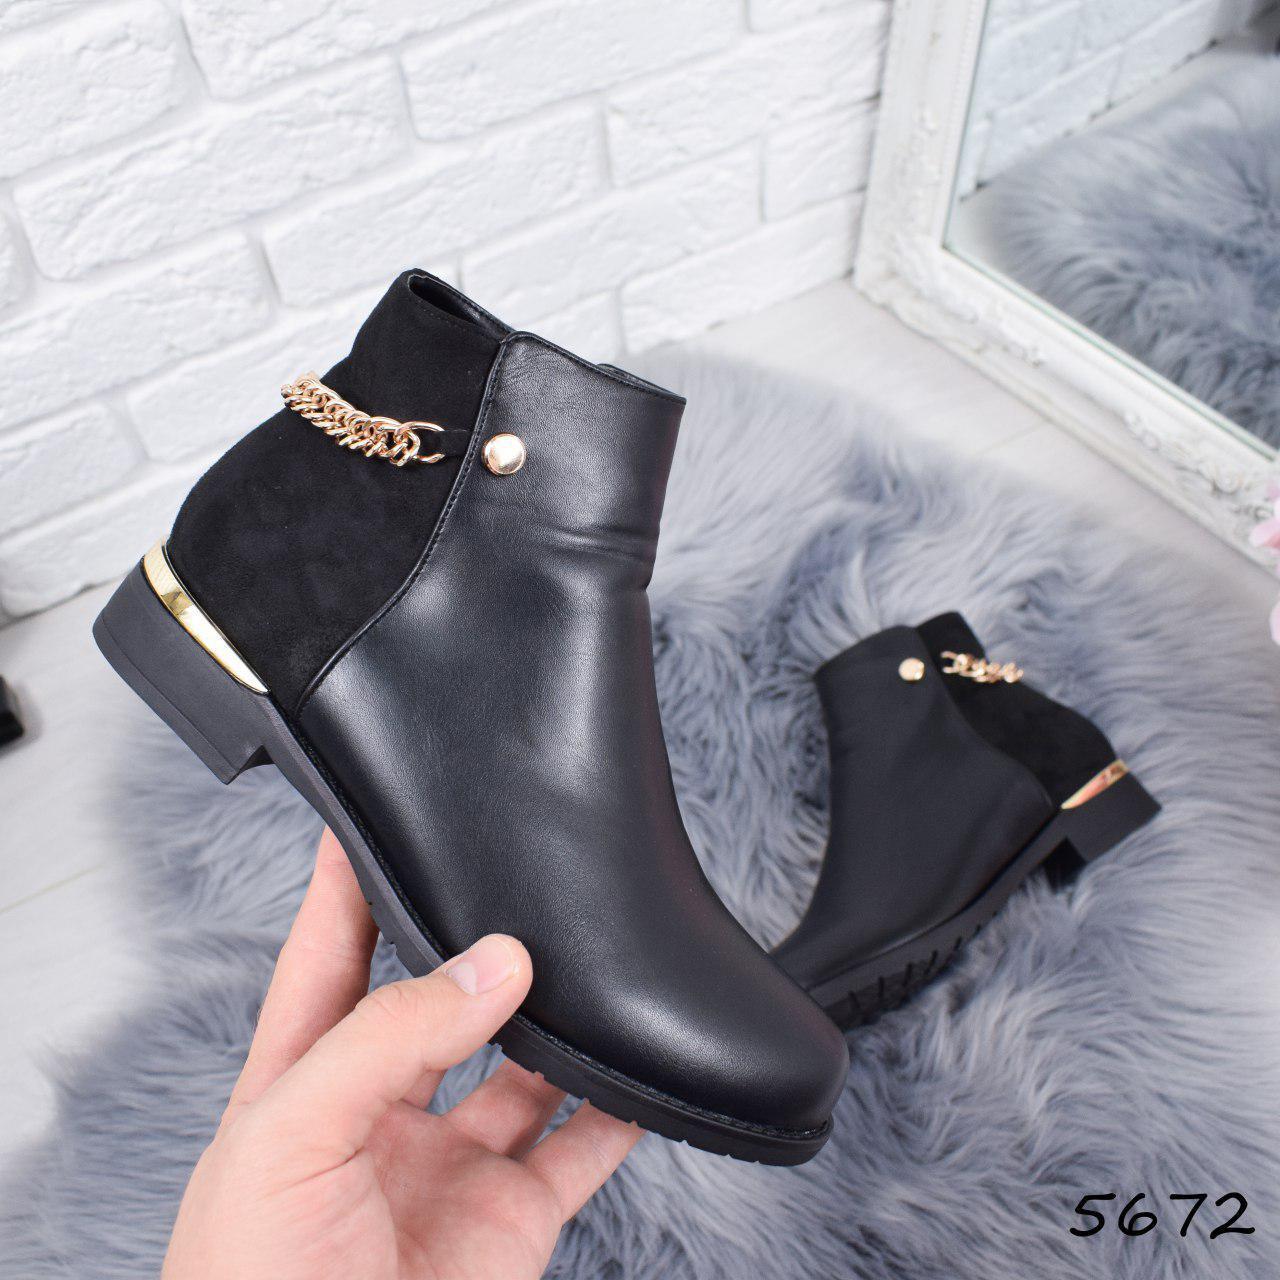 """Ботинки, ботильоны черные """"Golden weky"""" эко кожа, повседневная, демисезонная, осенняя, женская обувь"""